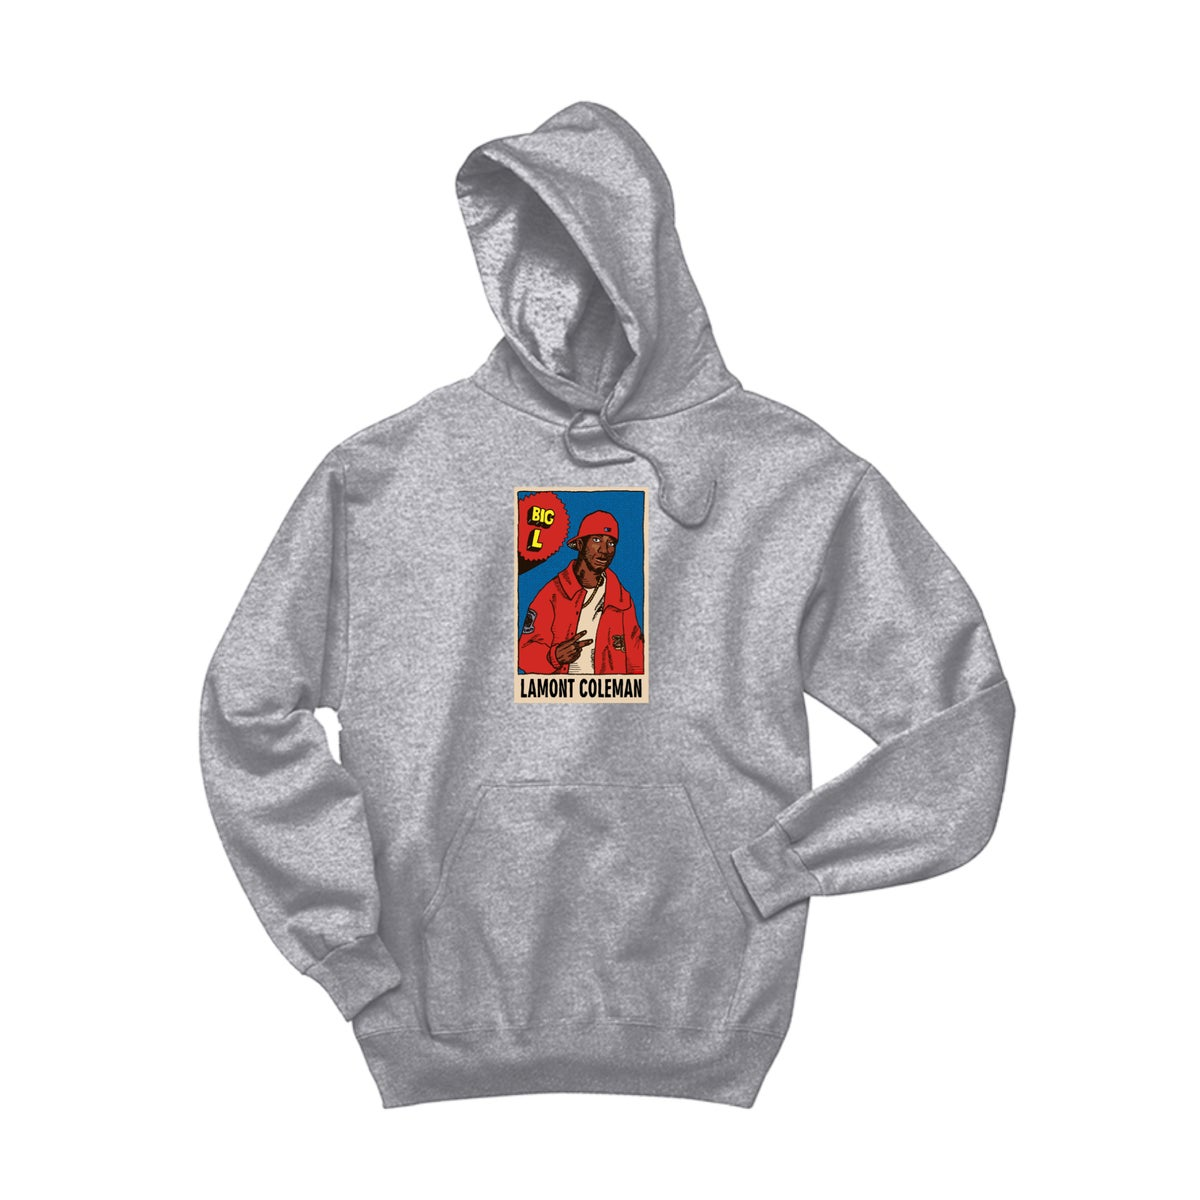 Image of Big L dedication Hoodie Grey